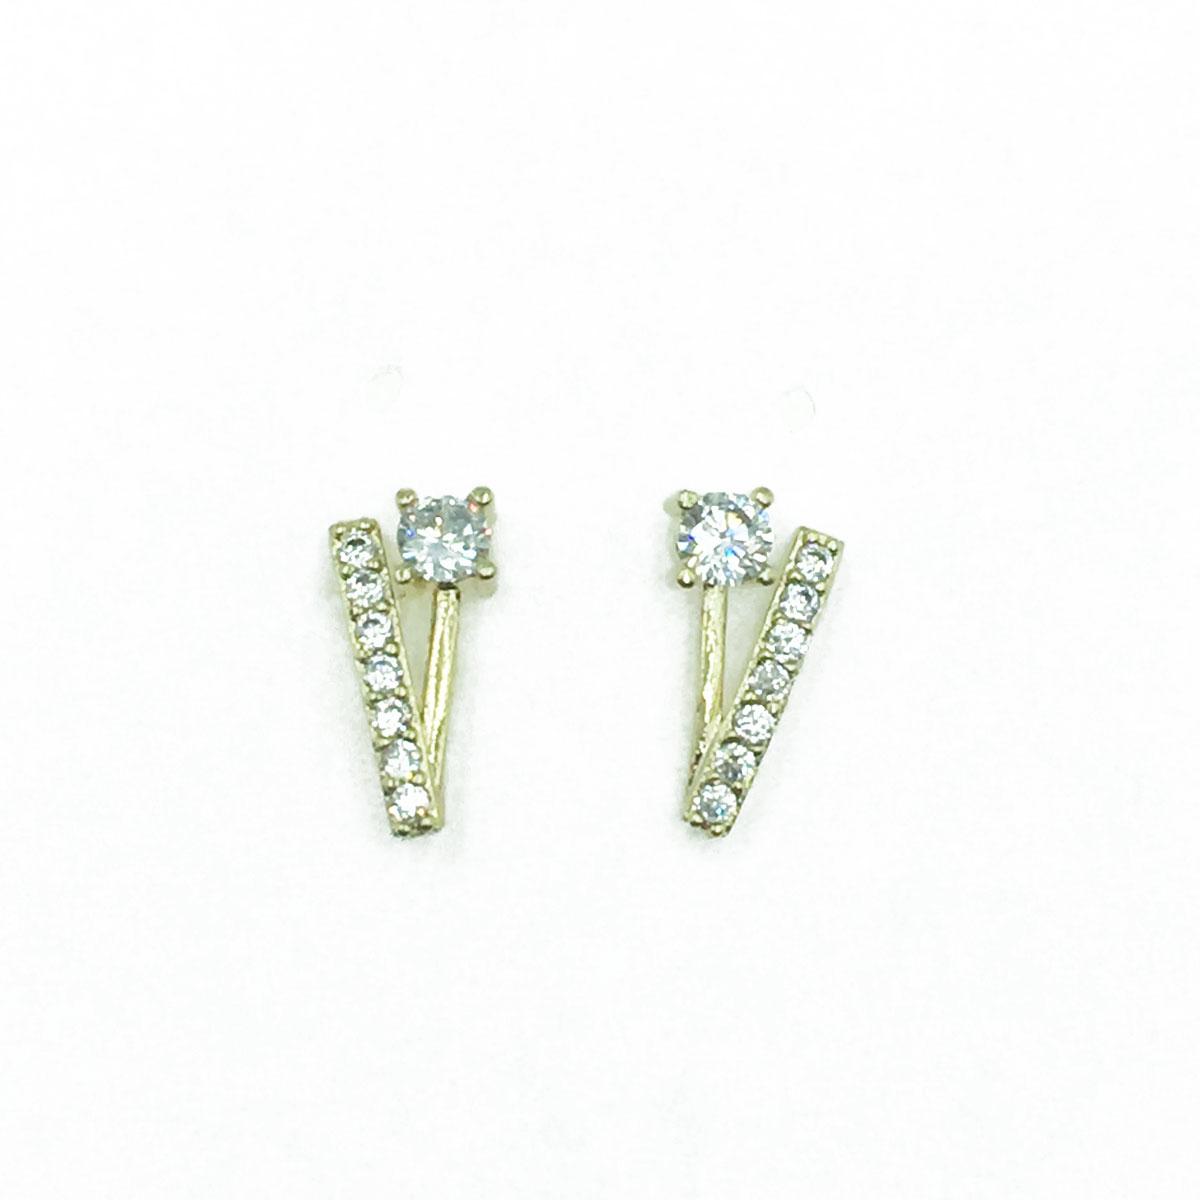 韓國 925純銀 V造型 水鑽 耳針式耳環